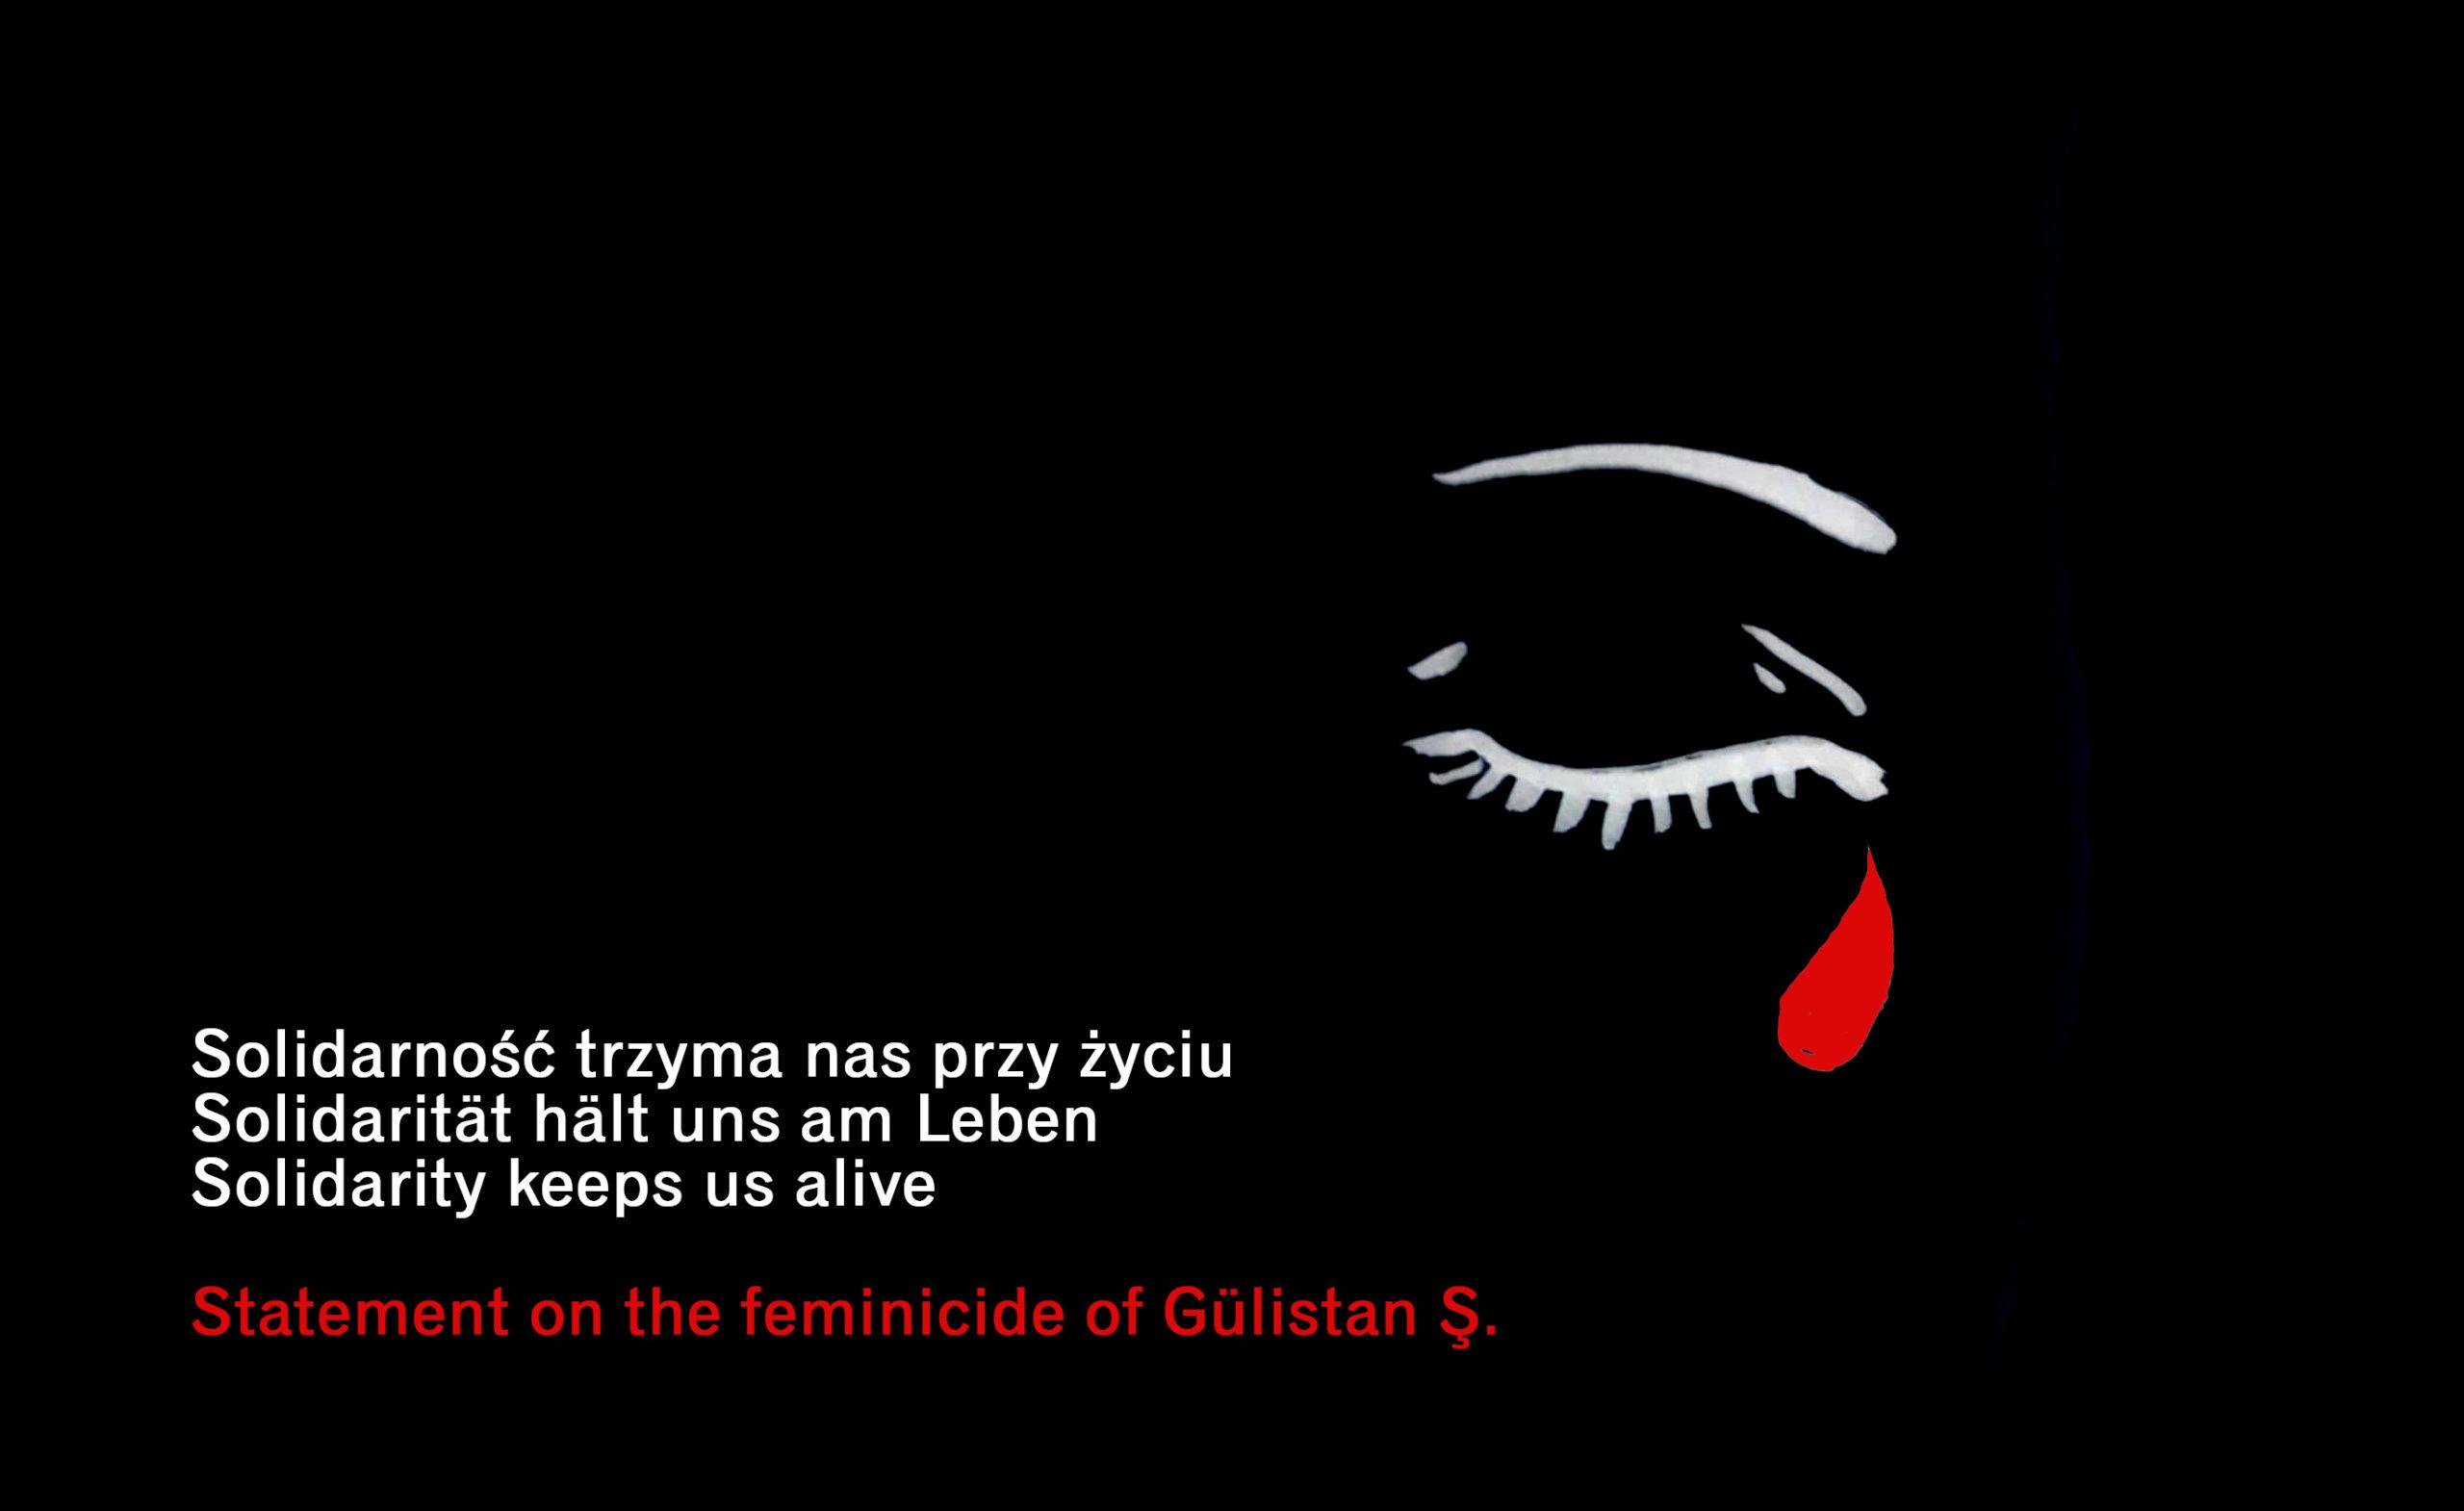 Statement on the feminicide of Gülistan Ş.